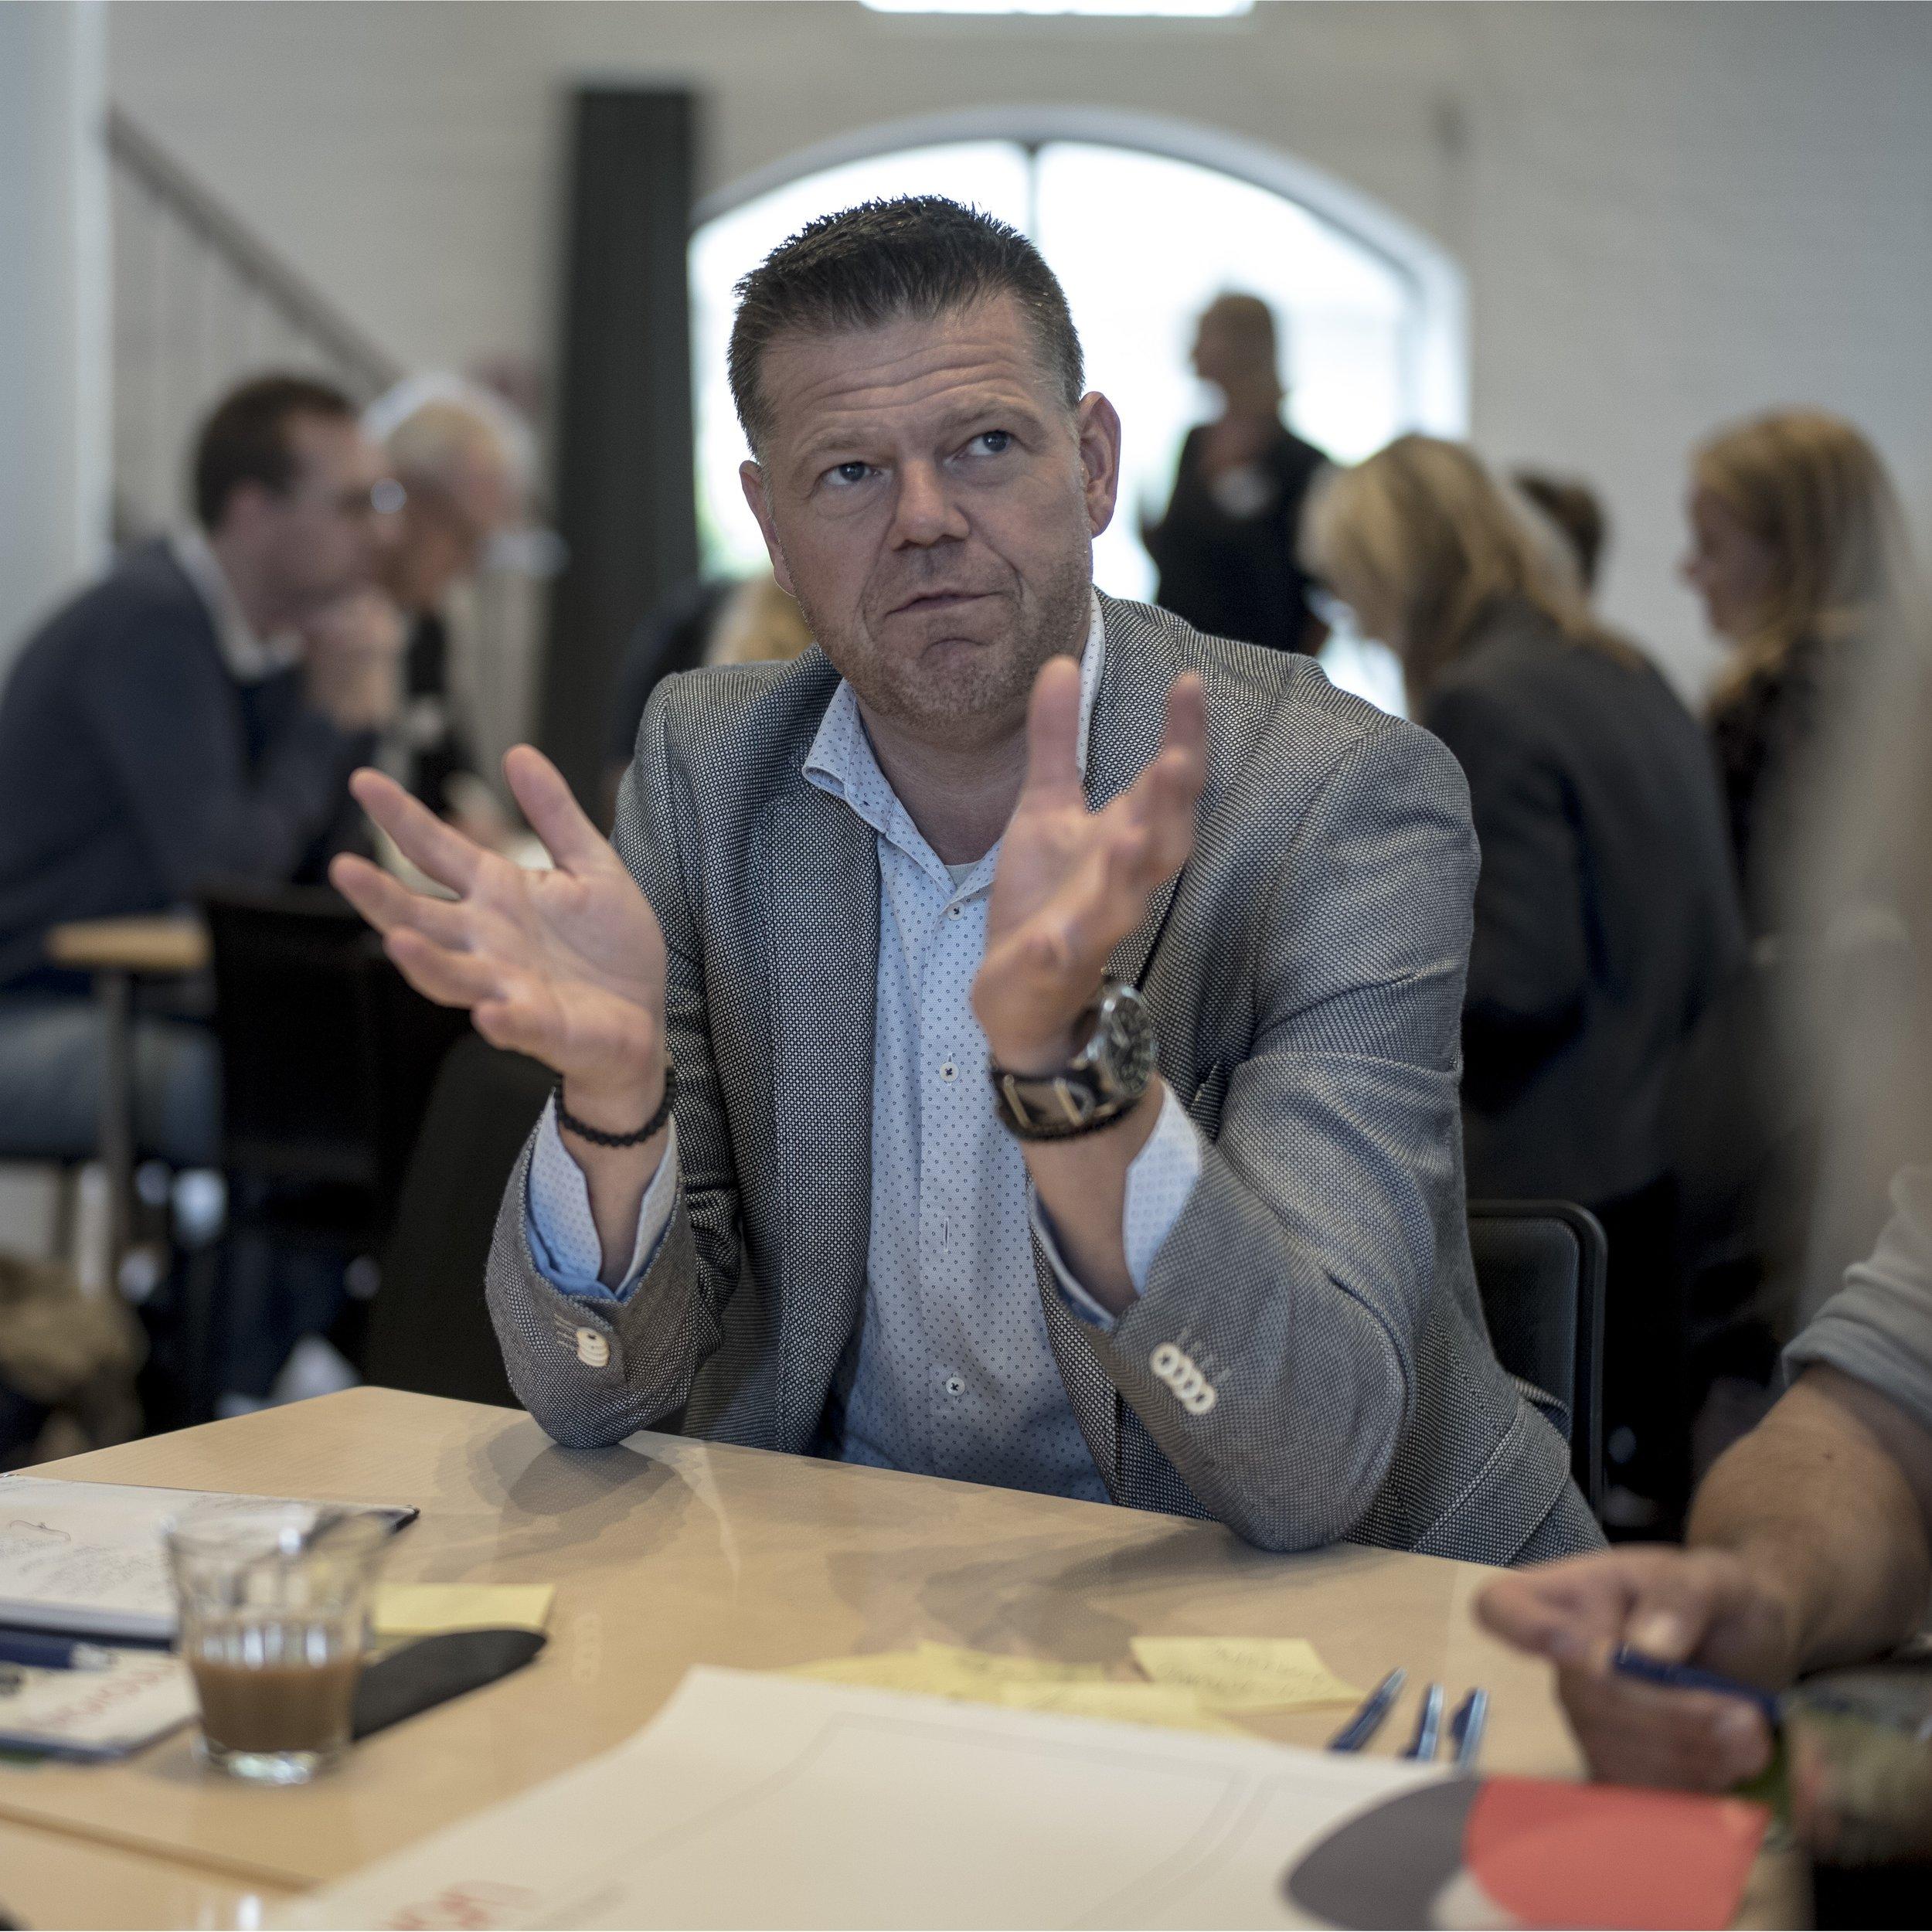 Foreningen Nydansker - 'Manglende samarbejde mellem de frivillige organisationer' v. direktør Torben Møller-Hansen